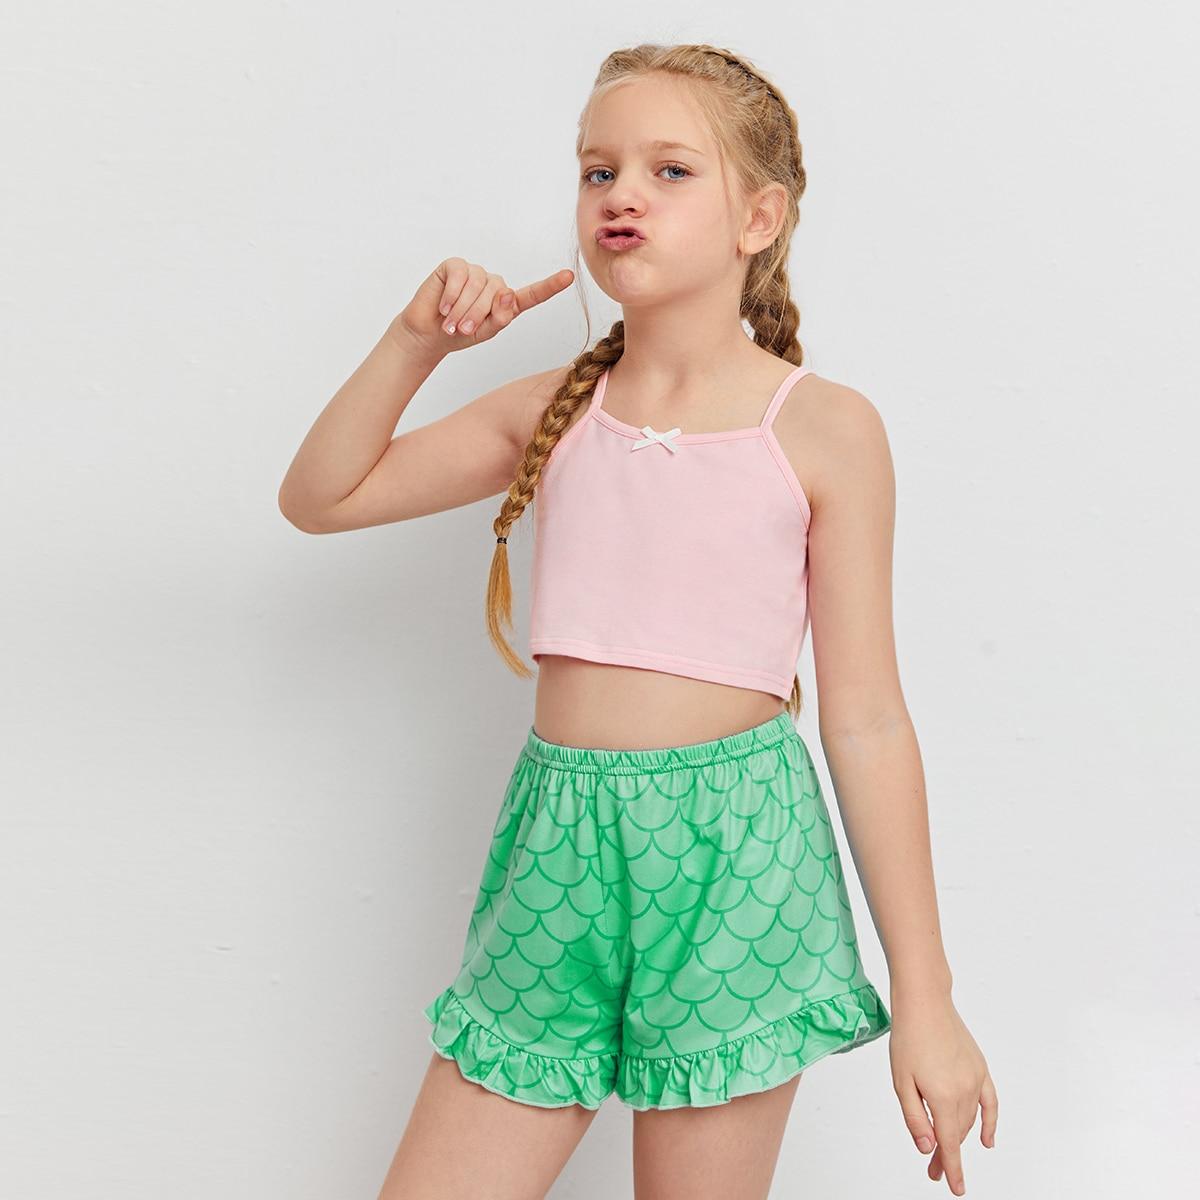 с бантом принт рыбьей чешуи милый Домашняя одежда для девочек